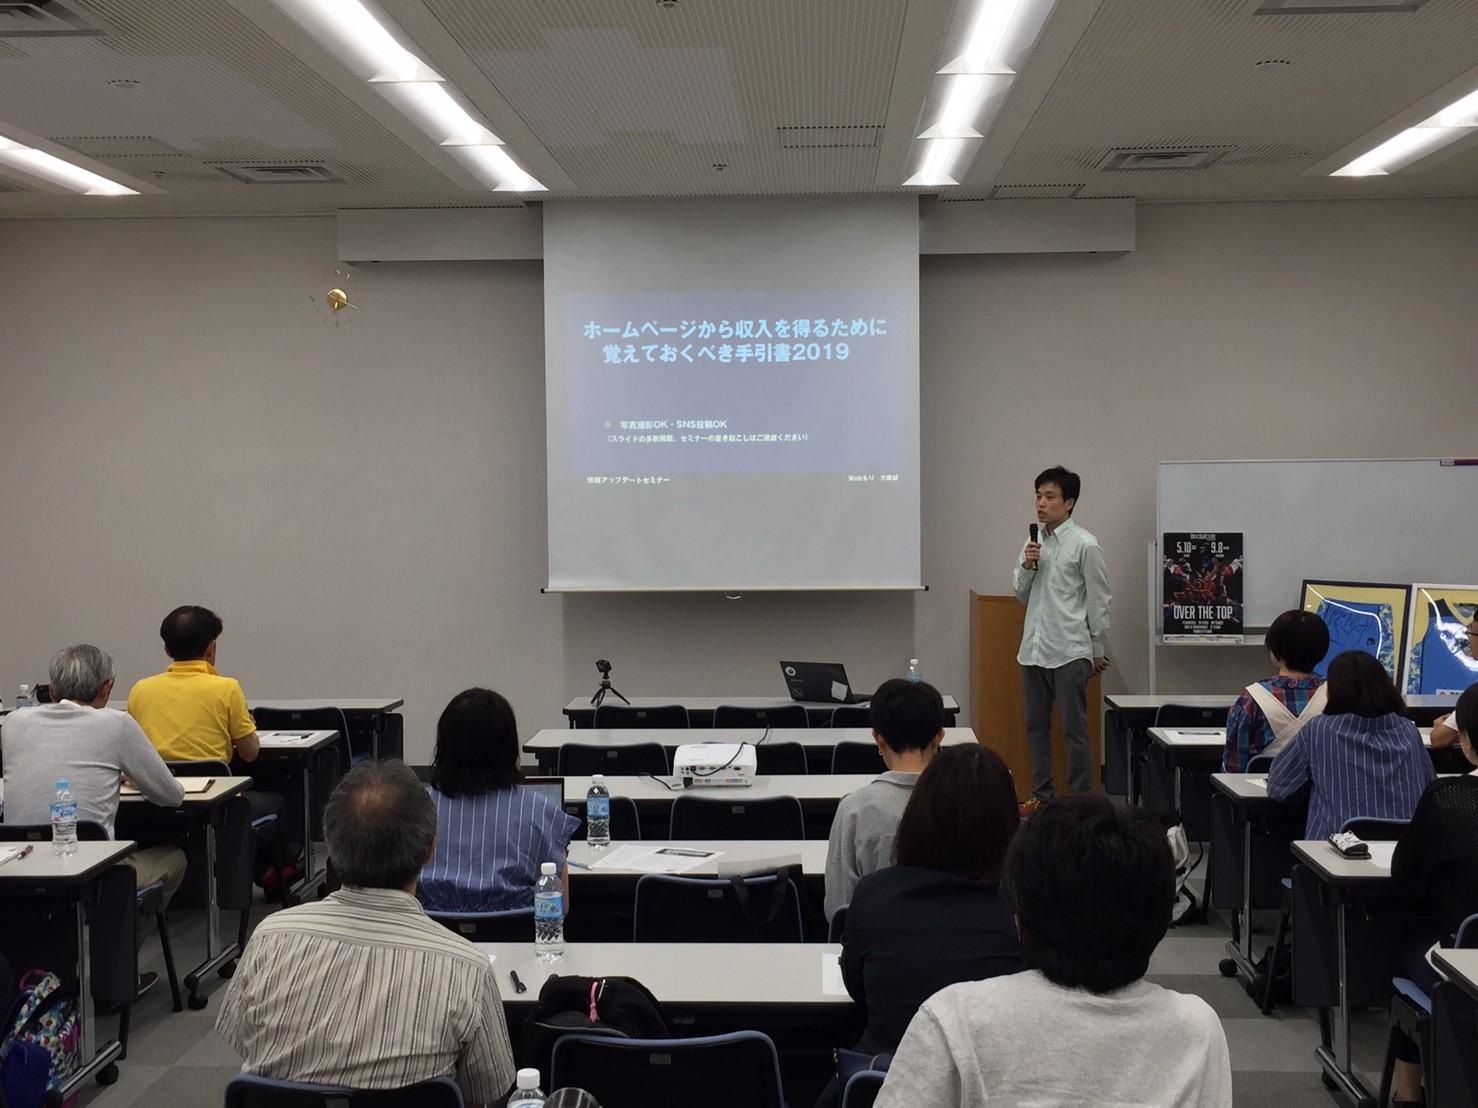 とりぎん文化会館でWeb・SNS情報発信セミナーを開催しました!